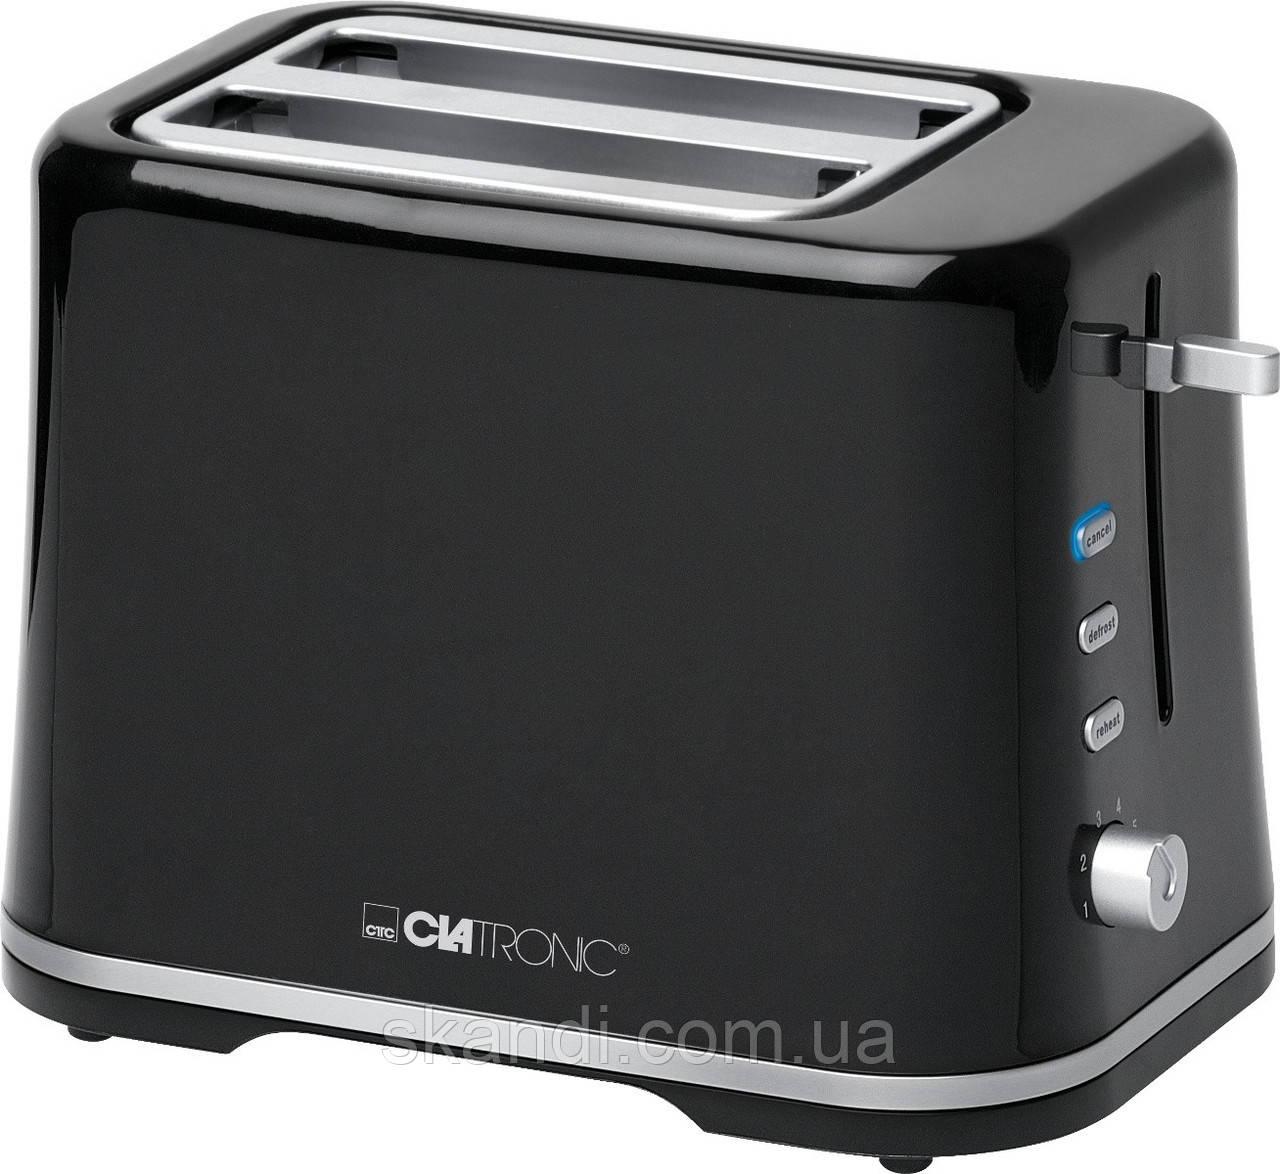 Тостер Clatronic KA 3554 черный 870Вт